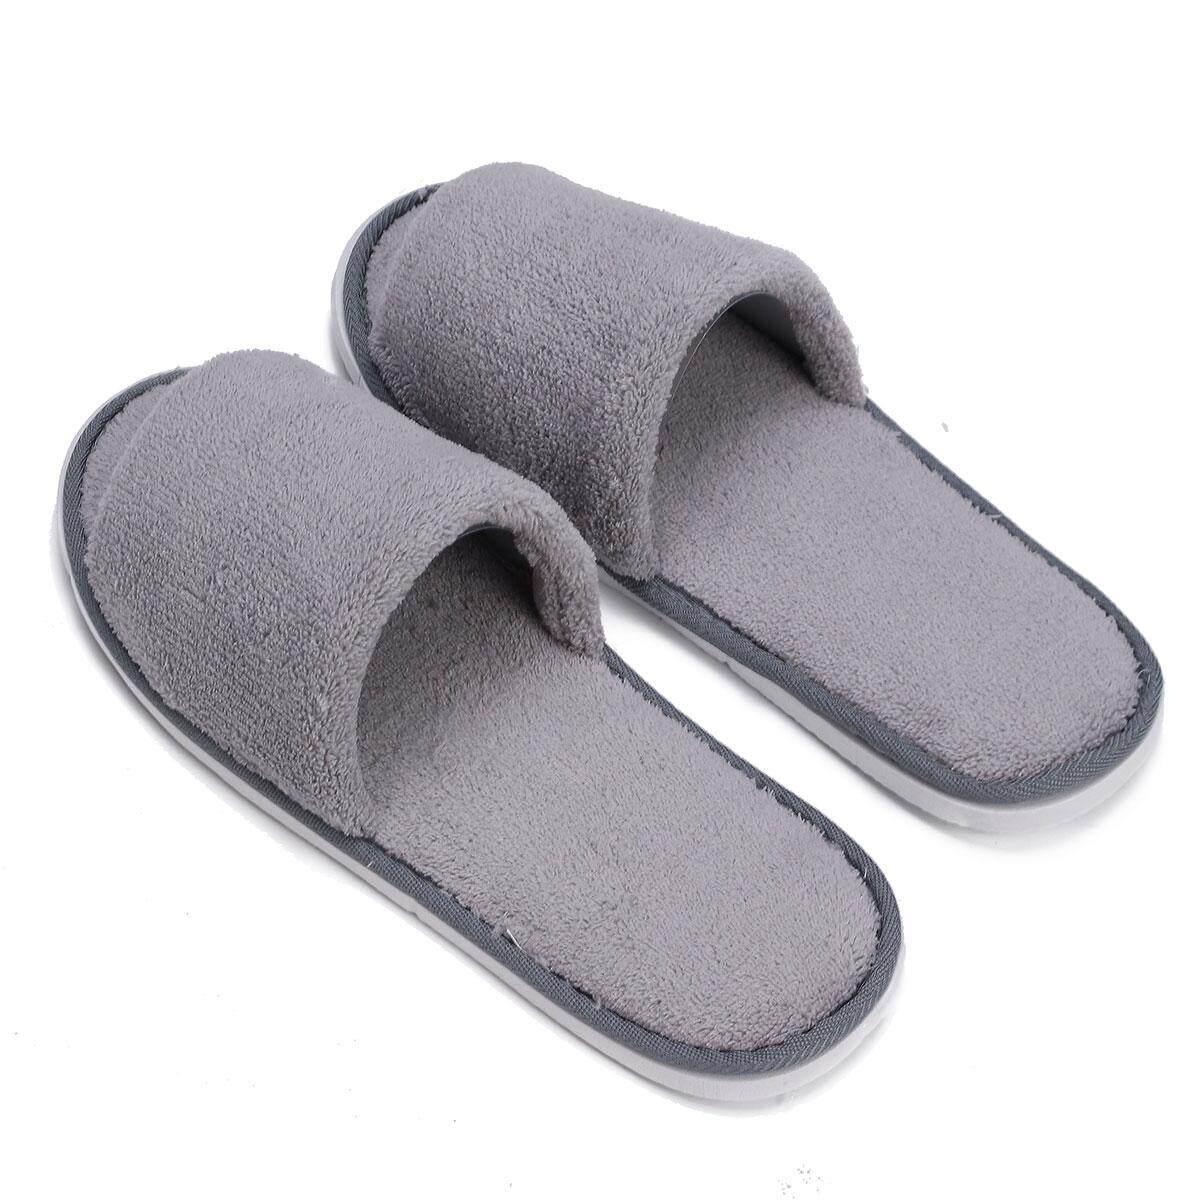 Velours Corail Bout Ouvert Peep Toe Chaussures Maison De Hotle Pantoufles Ceh2nlAweB